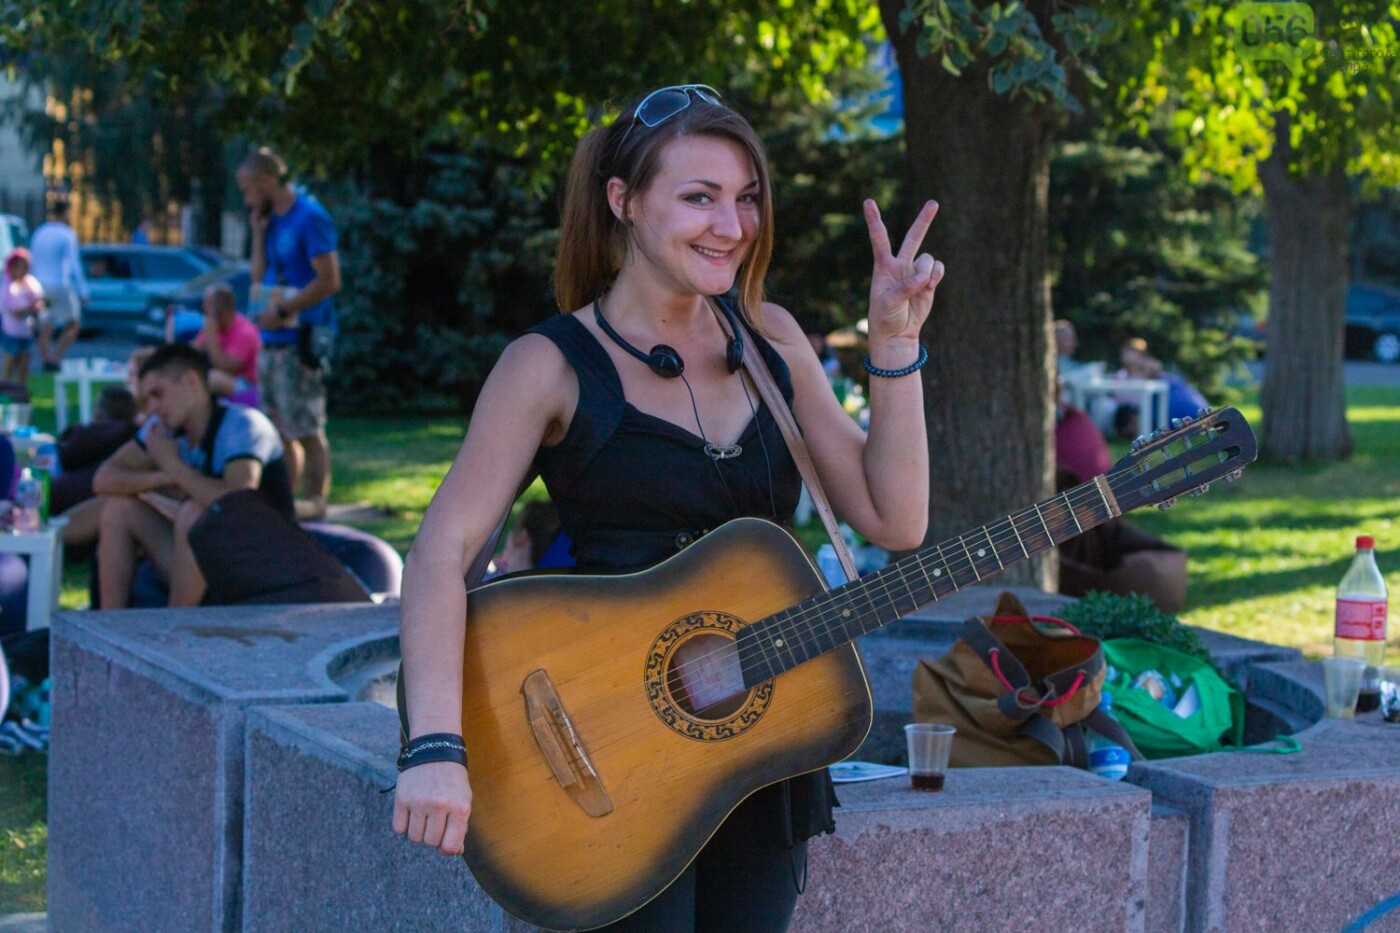 В Днепре на День Независимости на Набережной прошли массовые гуляния, - ФОТОРЕПОРТАЖ, фото-14